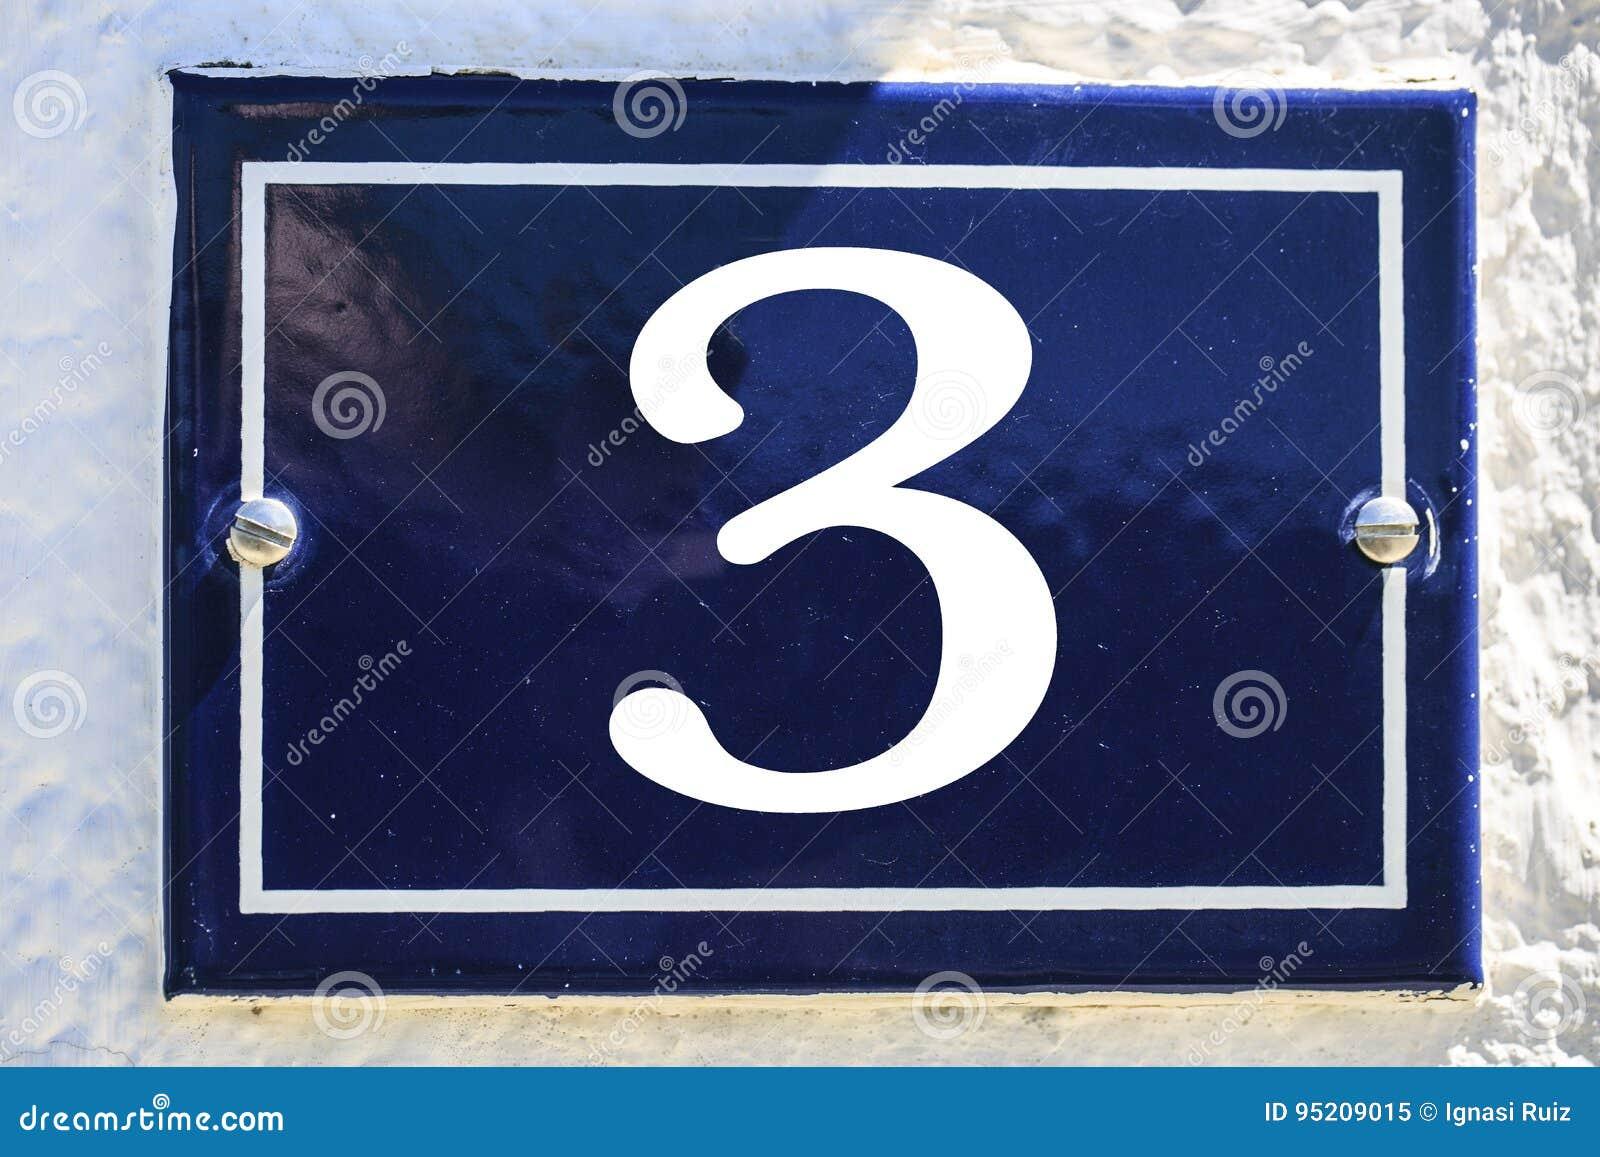 Aantal huis in blauwe kleur